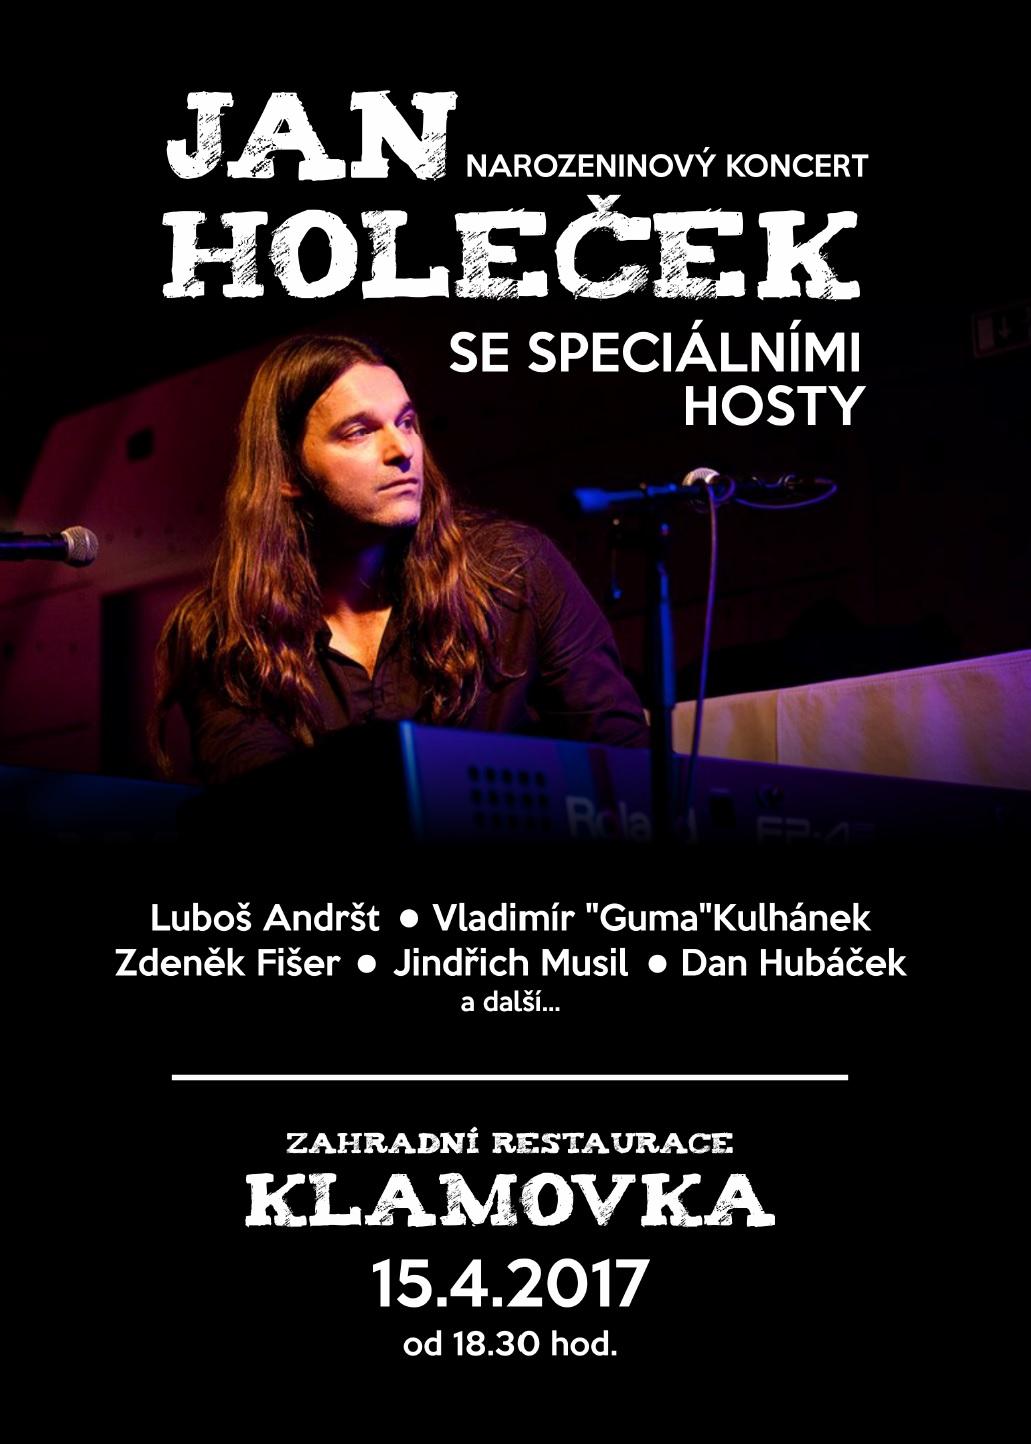 Plakat Holecek 15042017